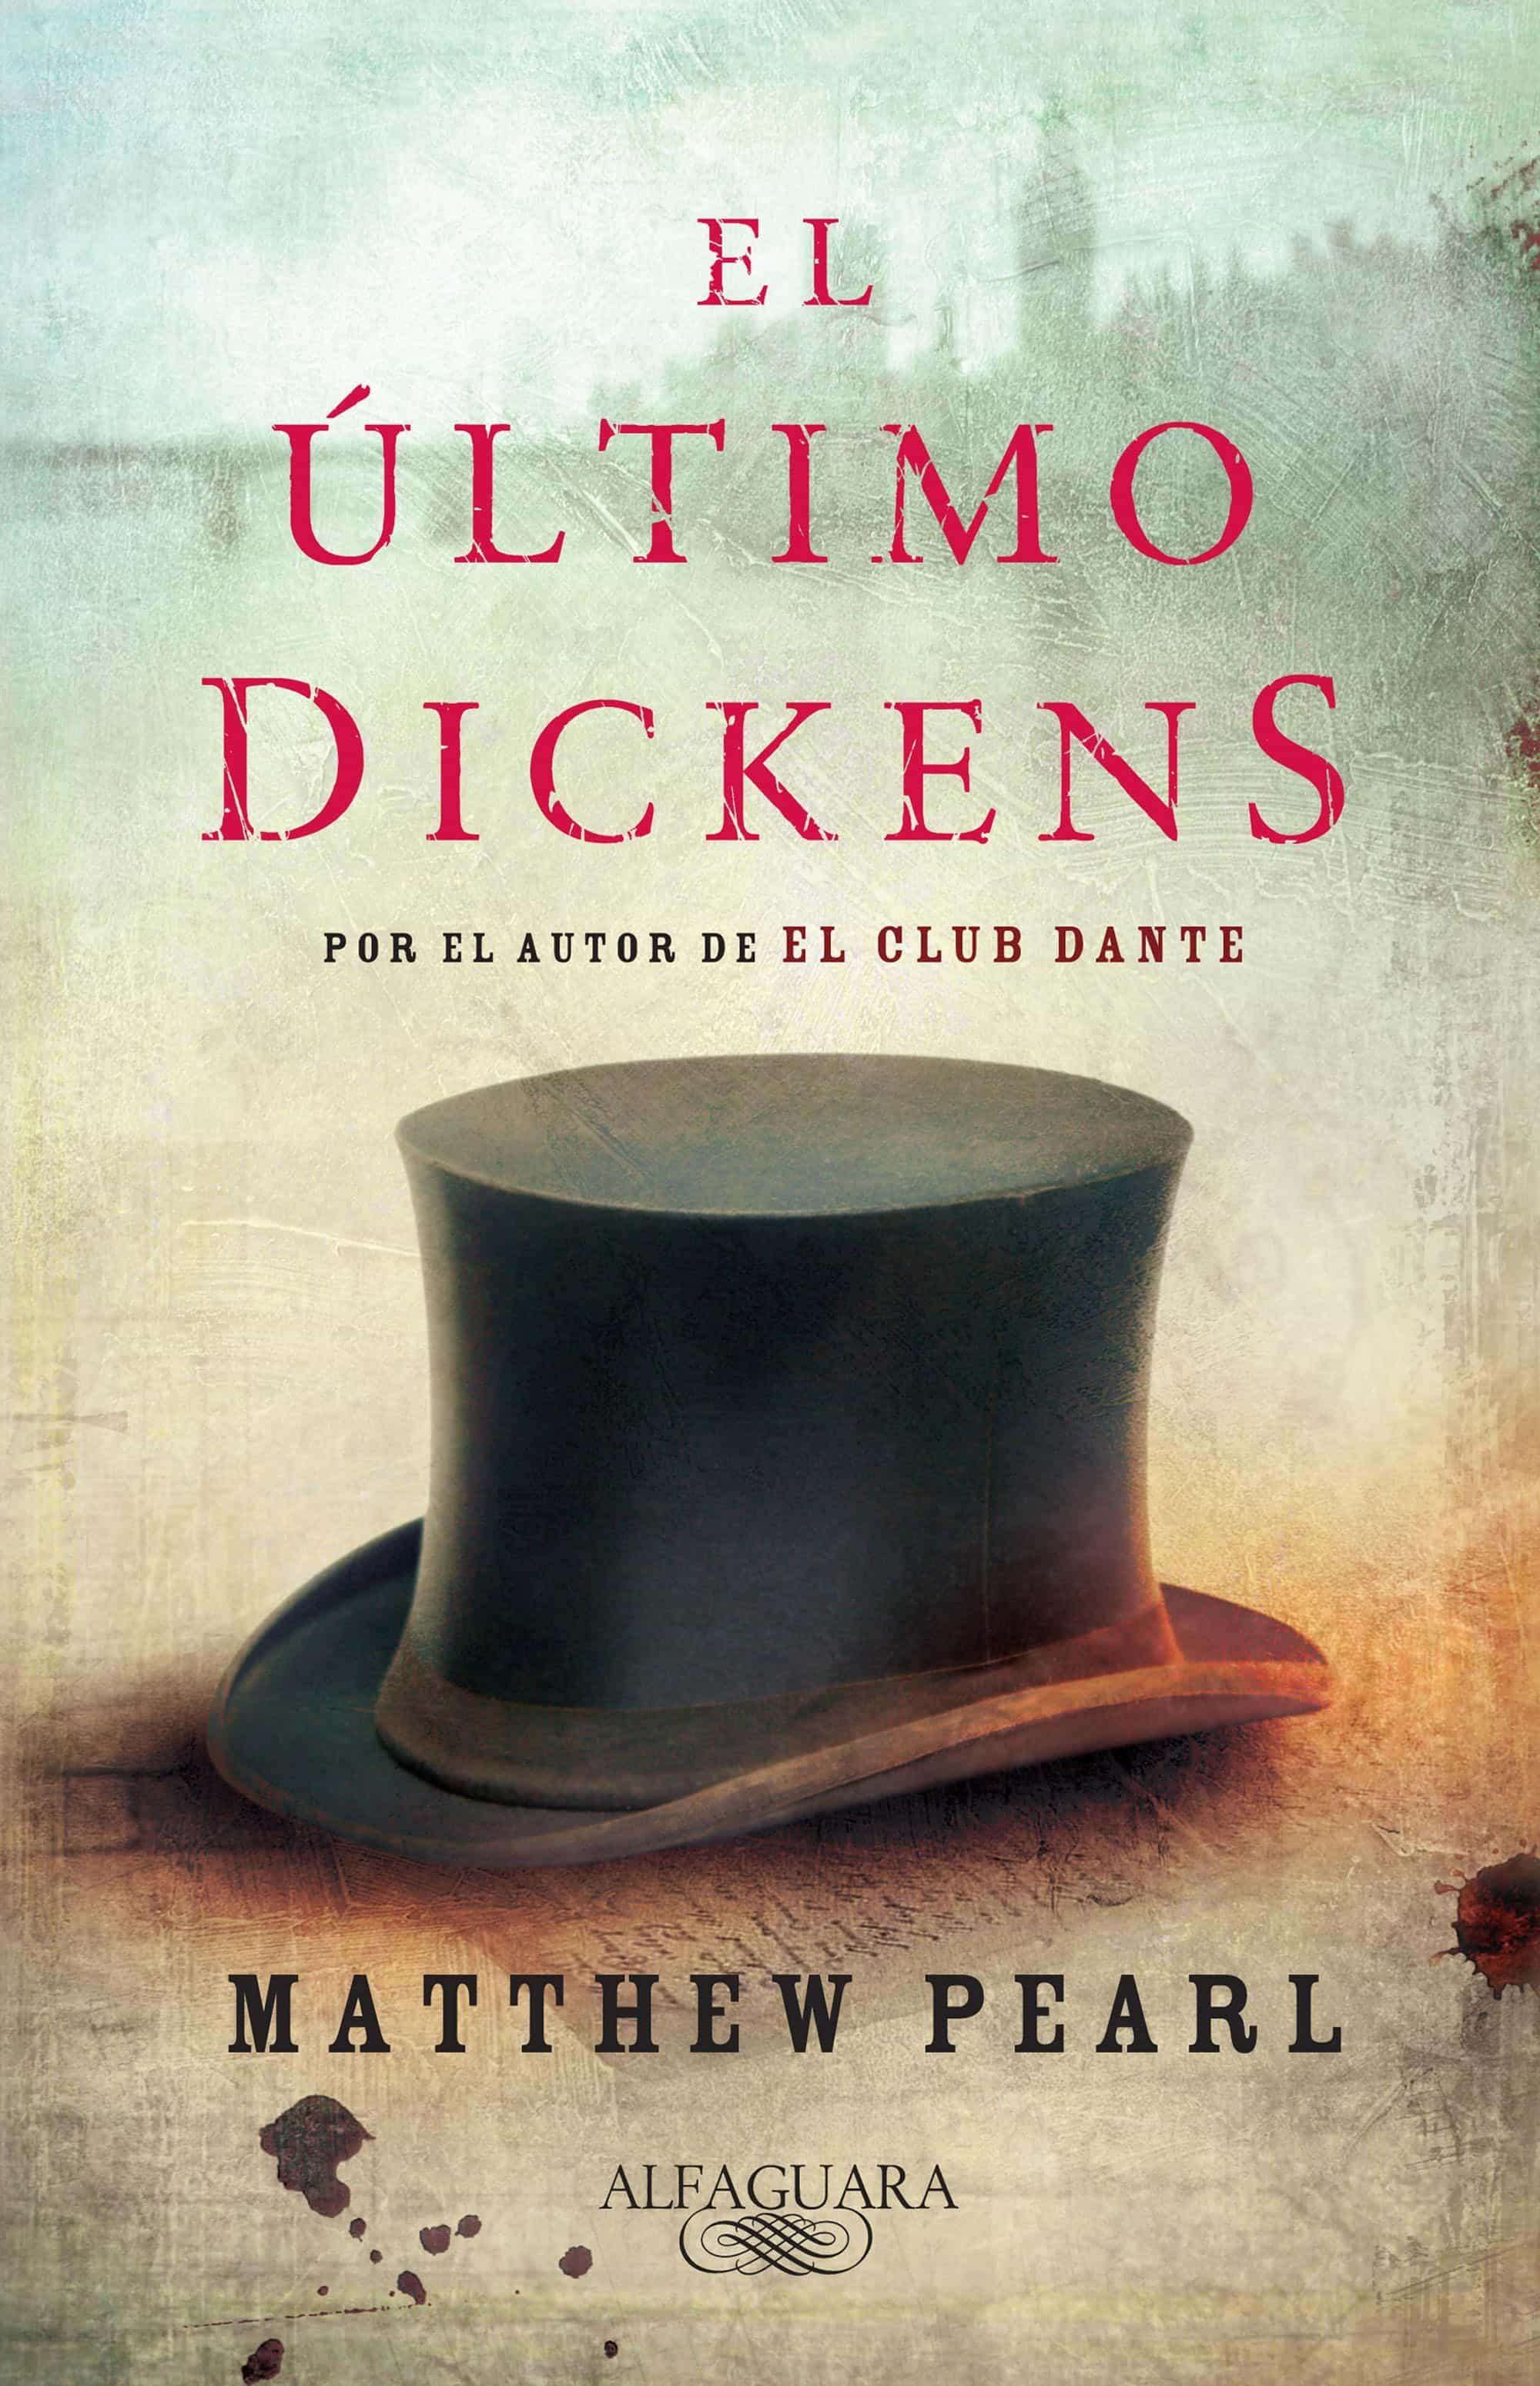 EL ÚLTIMO DICKENS EBOOK | MATTHEW PEARL | Descargar libro PDF o EPUB ...